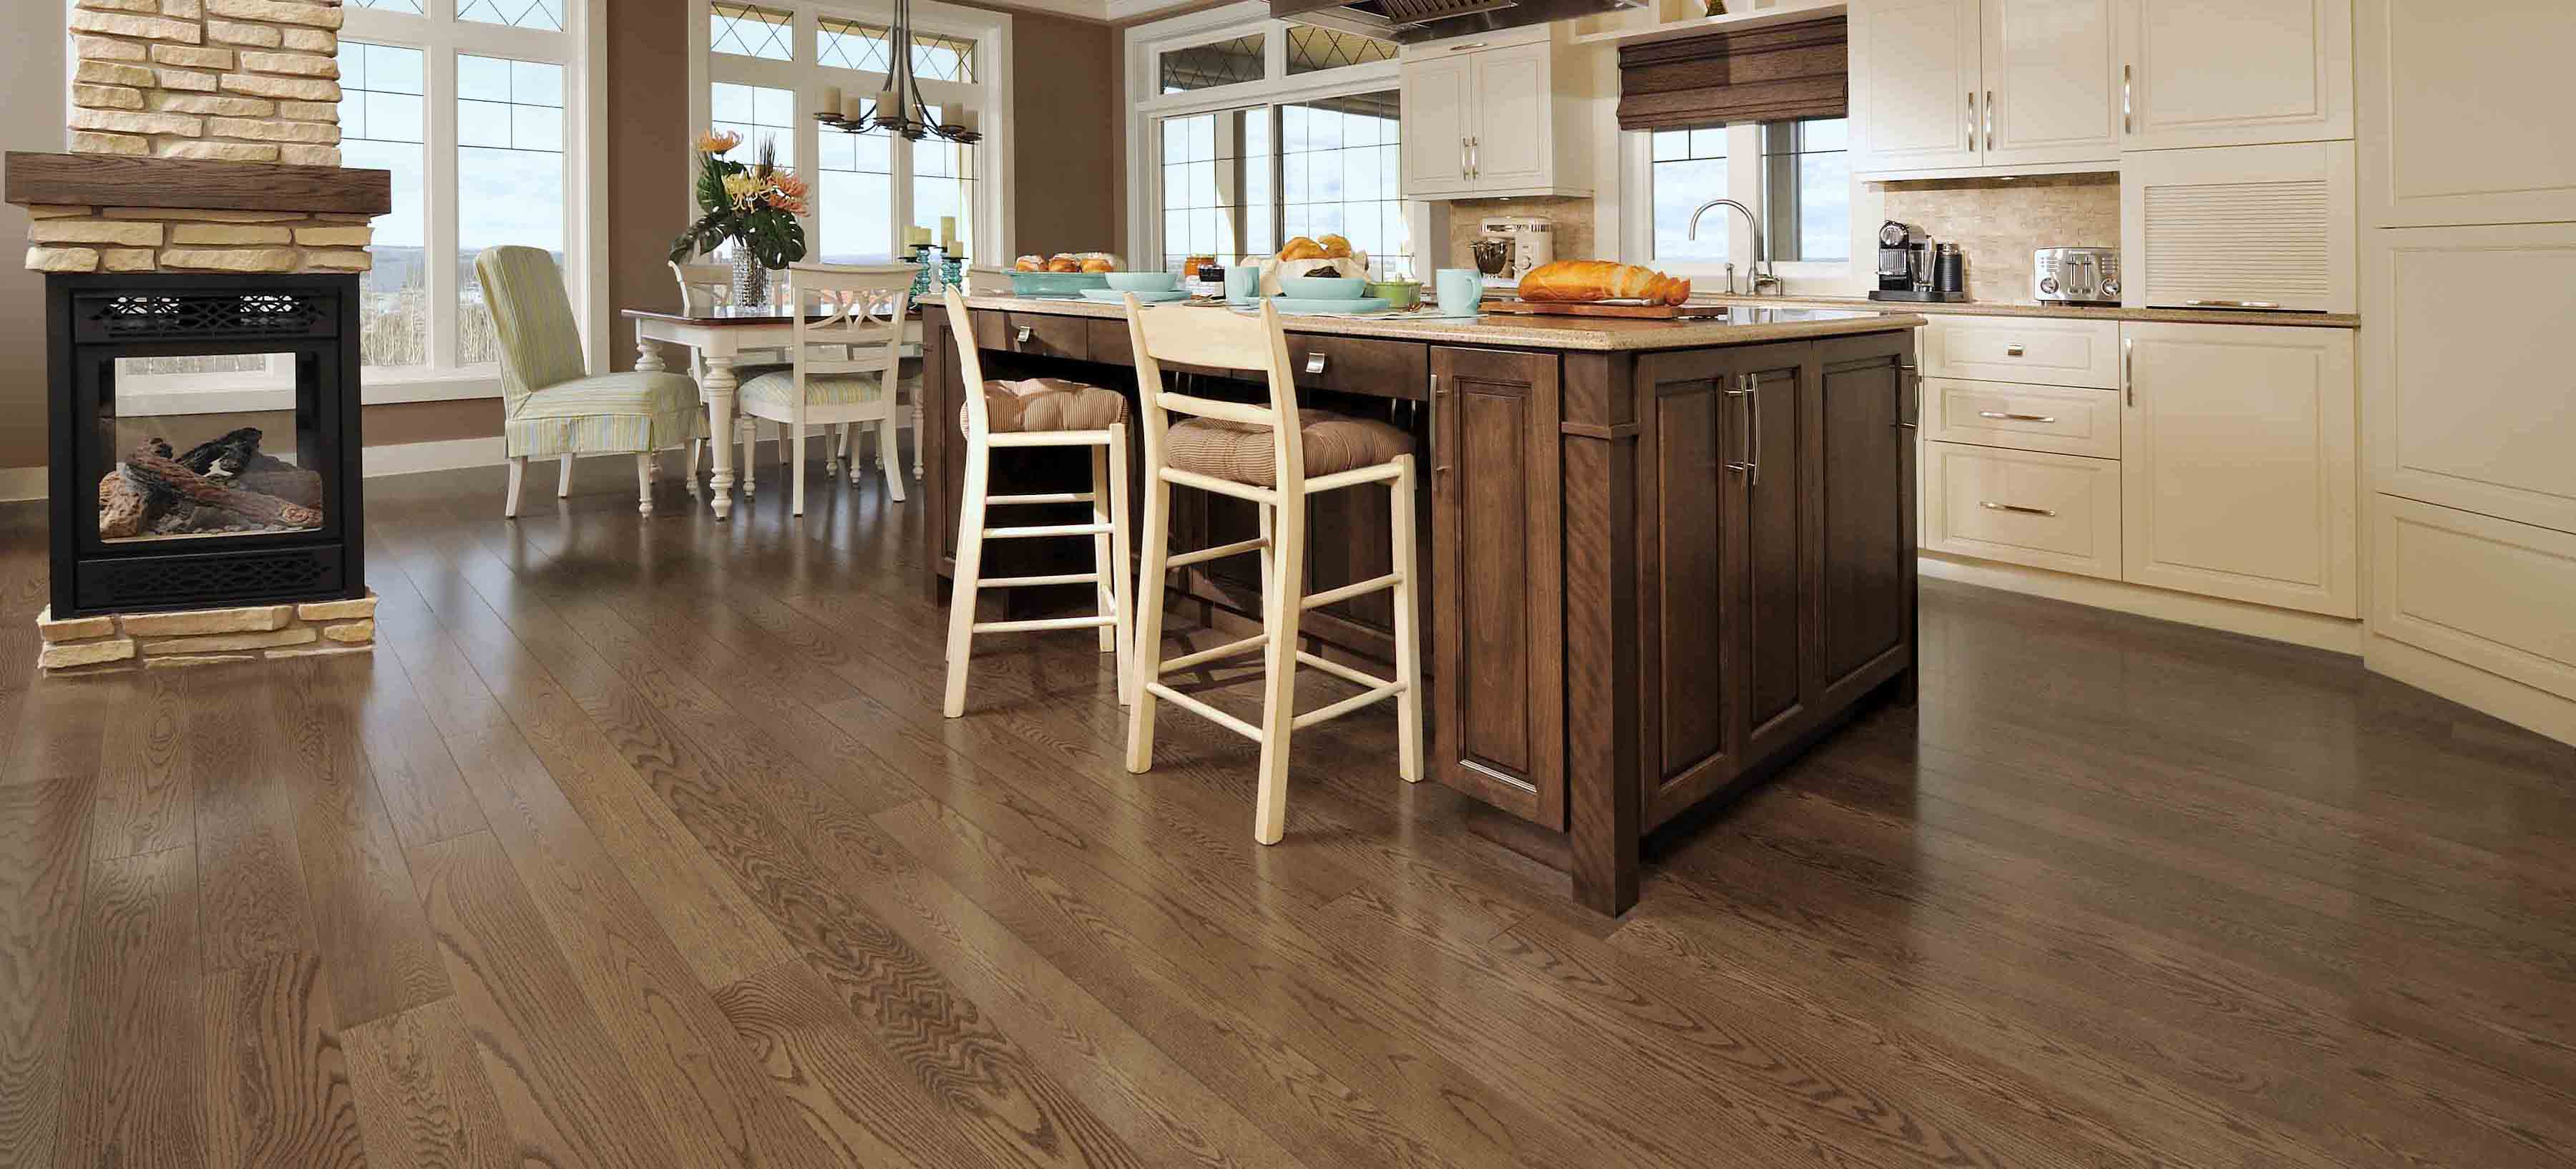 Supreme Floors - Indoor Flooring & Outdoor Decking | Sri ...